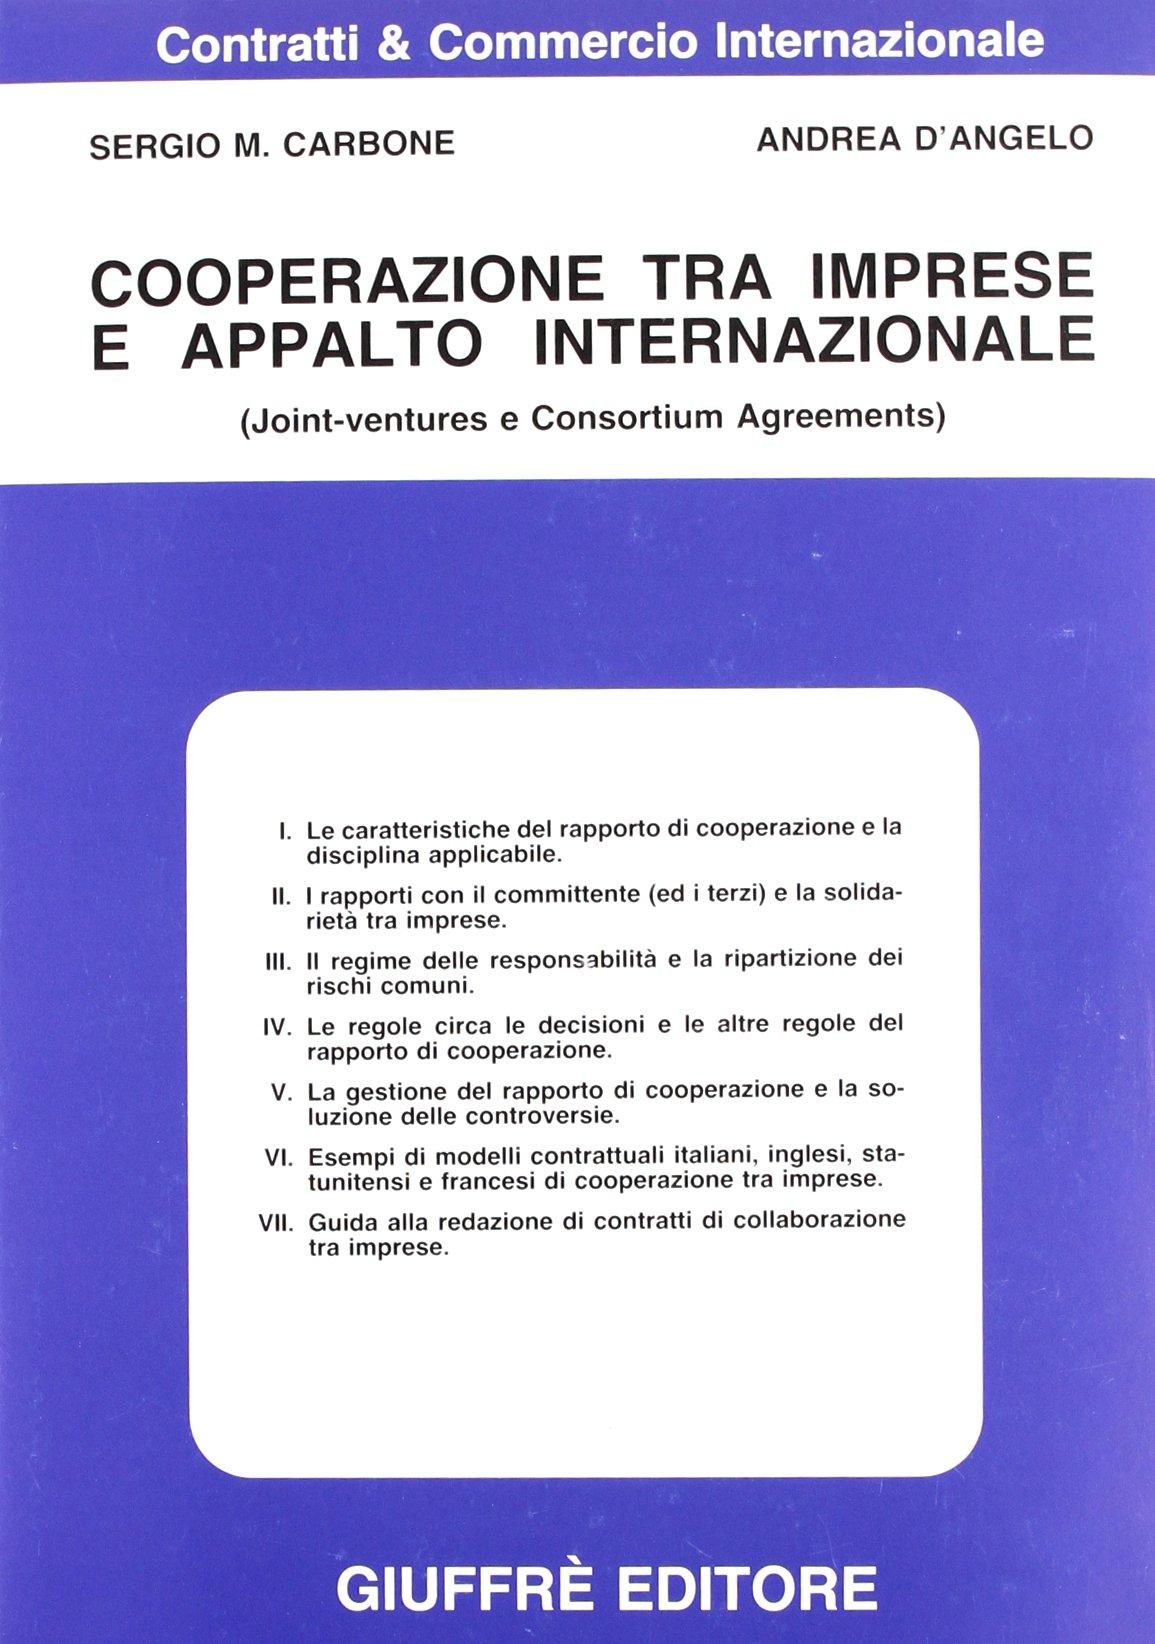 Cooperazione Tra Imprese E Appalto Internazionale Joint Ventures E